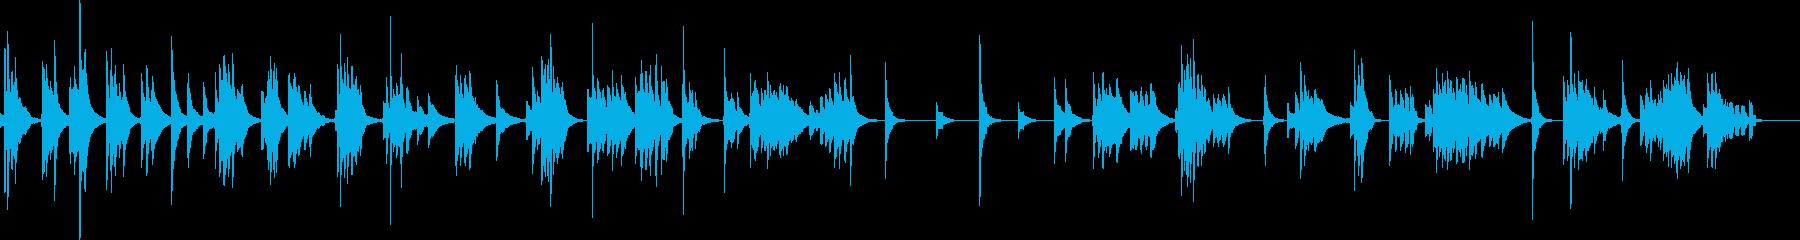 琴による風景描写スロー曲の再生済みの波形